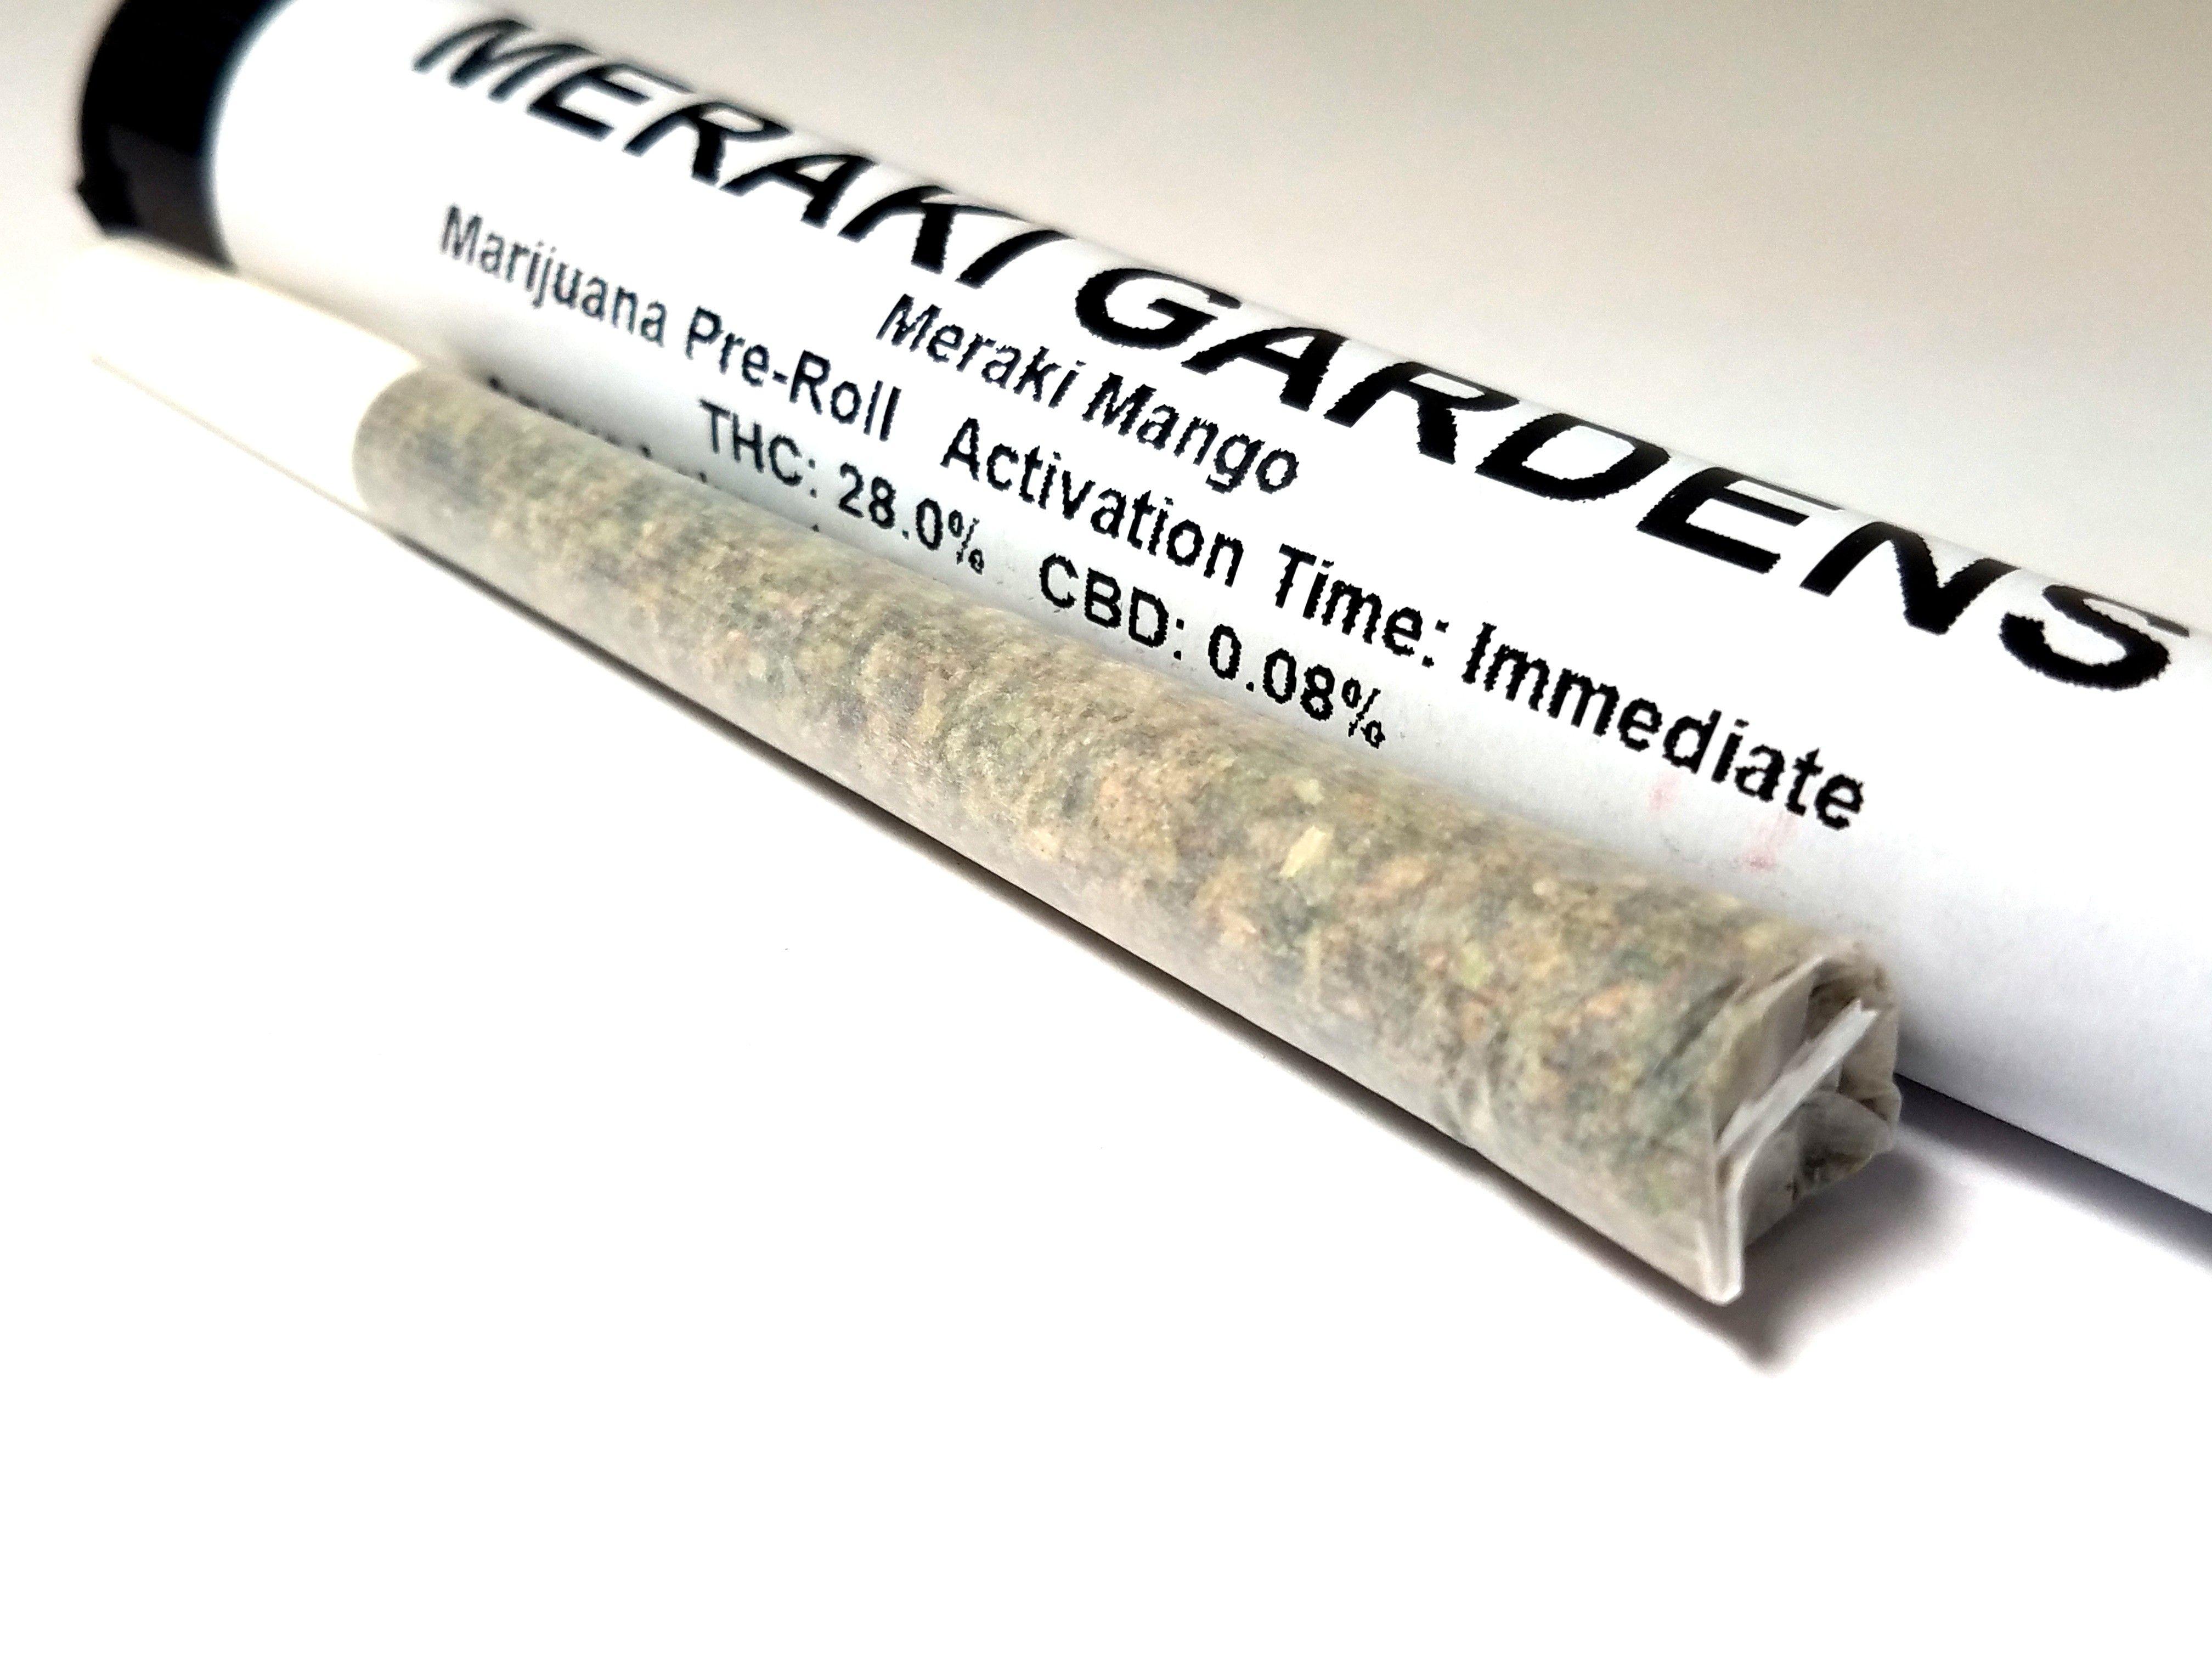 Meraki Gardens - Meraki Mango 1g Pre-roll